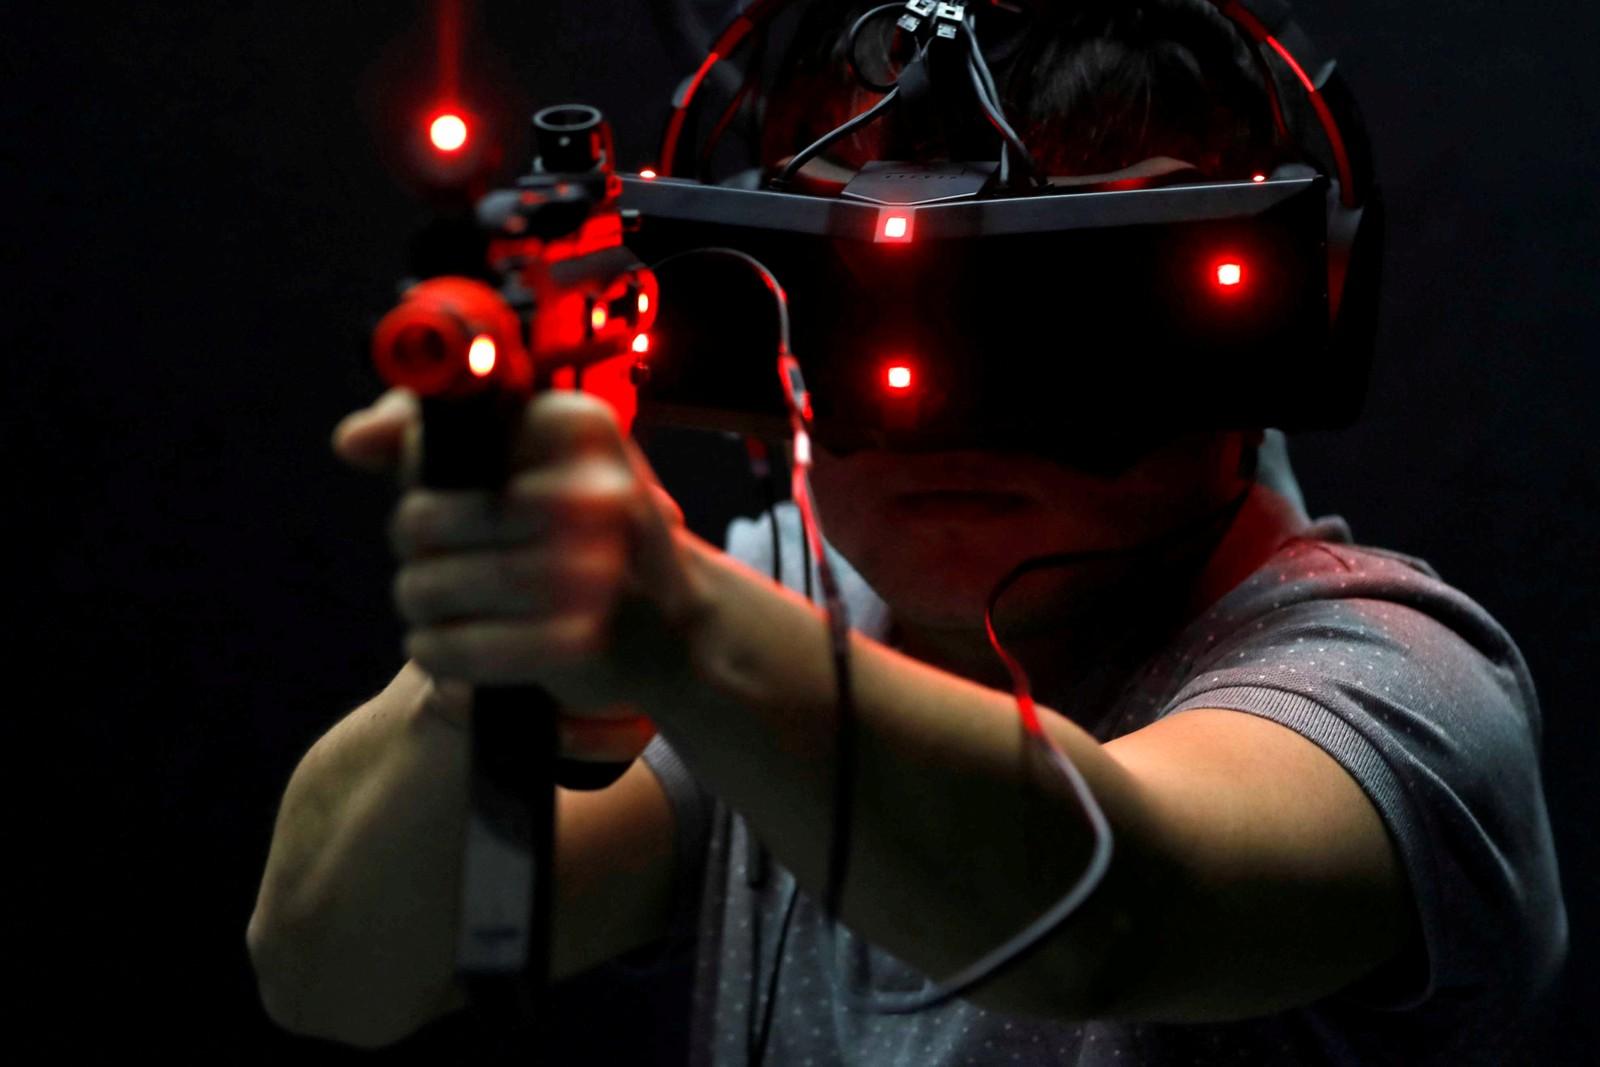 Nei, dette er ikke en scene fra Call of Duty, men siste nytt innen VR på ei spillmesse i Taipei, Taiwan, som publikum fikk prøve denne uka.